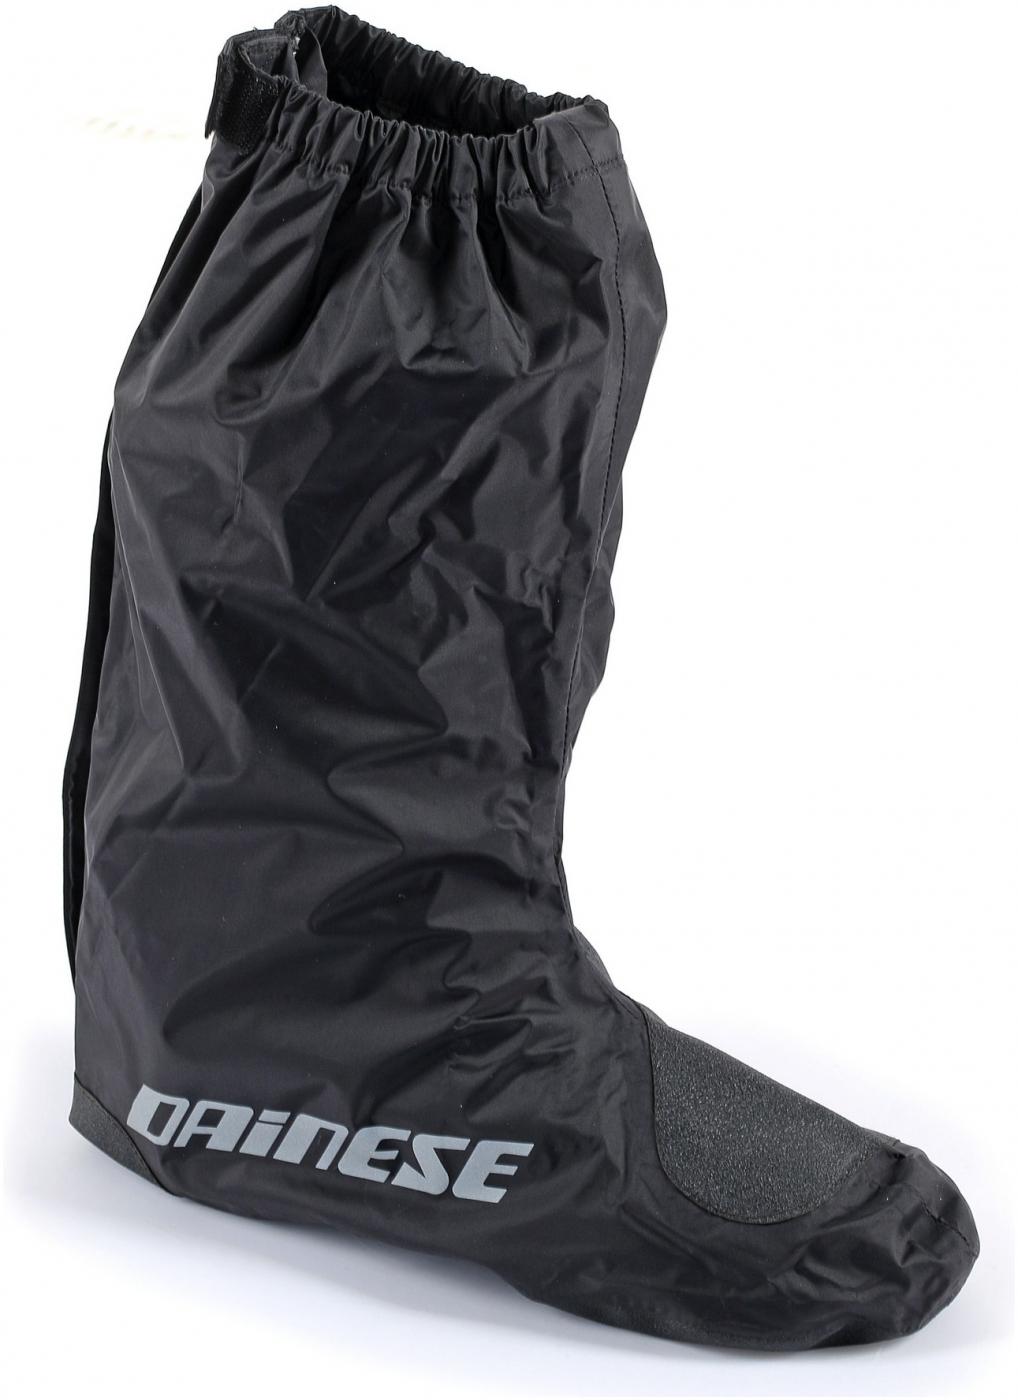 417cb2bc6599 DAINESE návleky na topánky D-CRUST black